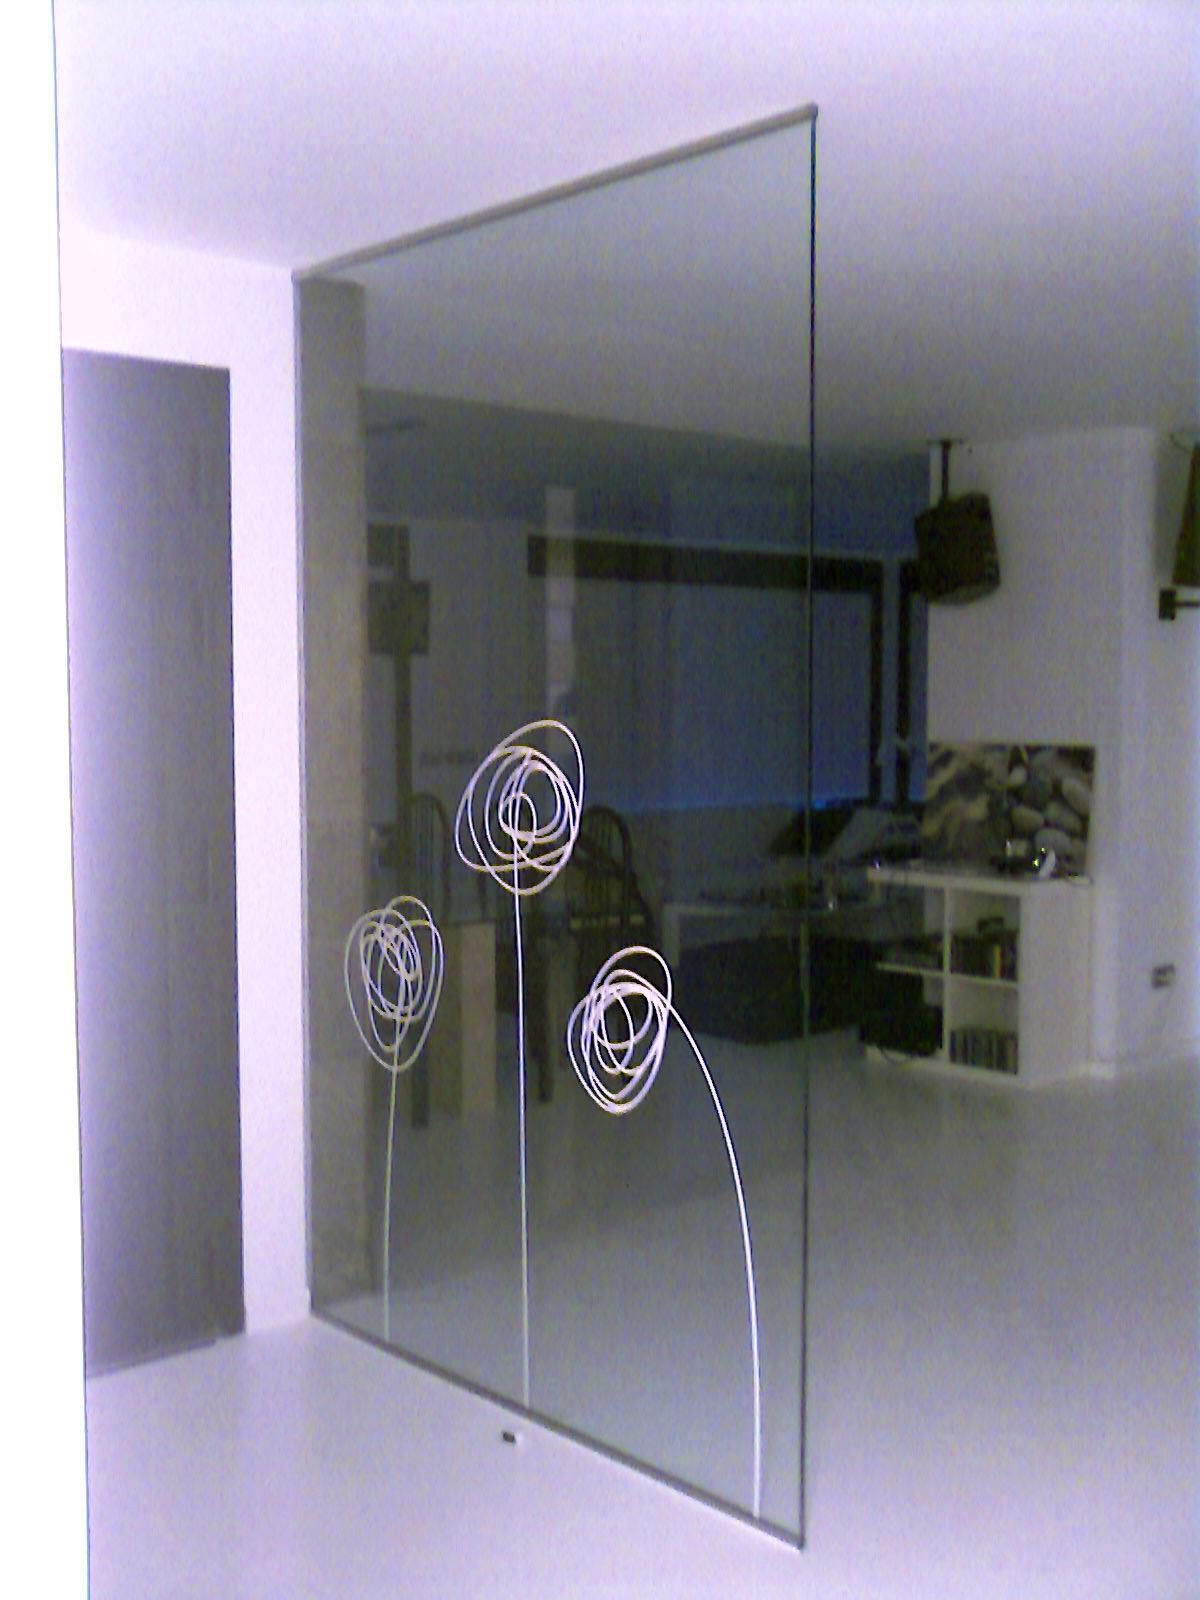 Pmosq 2 1 una casa para dos vinilo en el recibidor - Vinilos recibidor ...